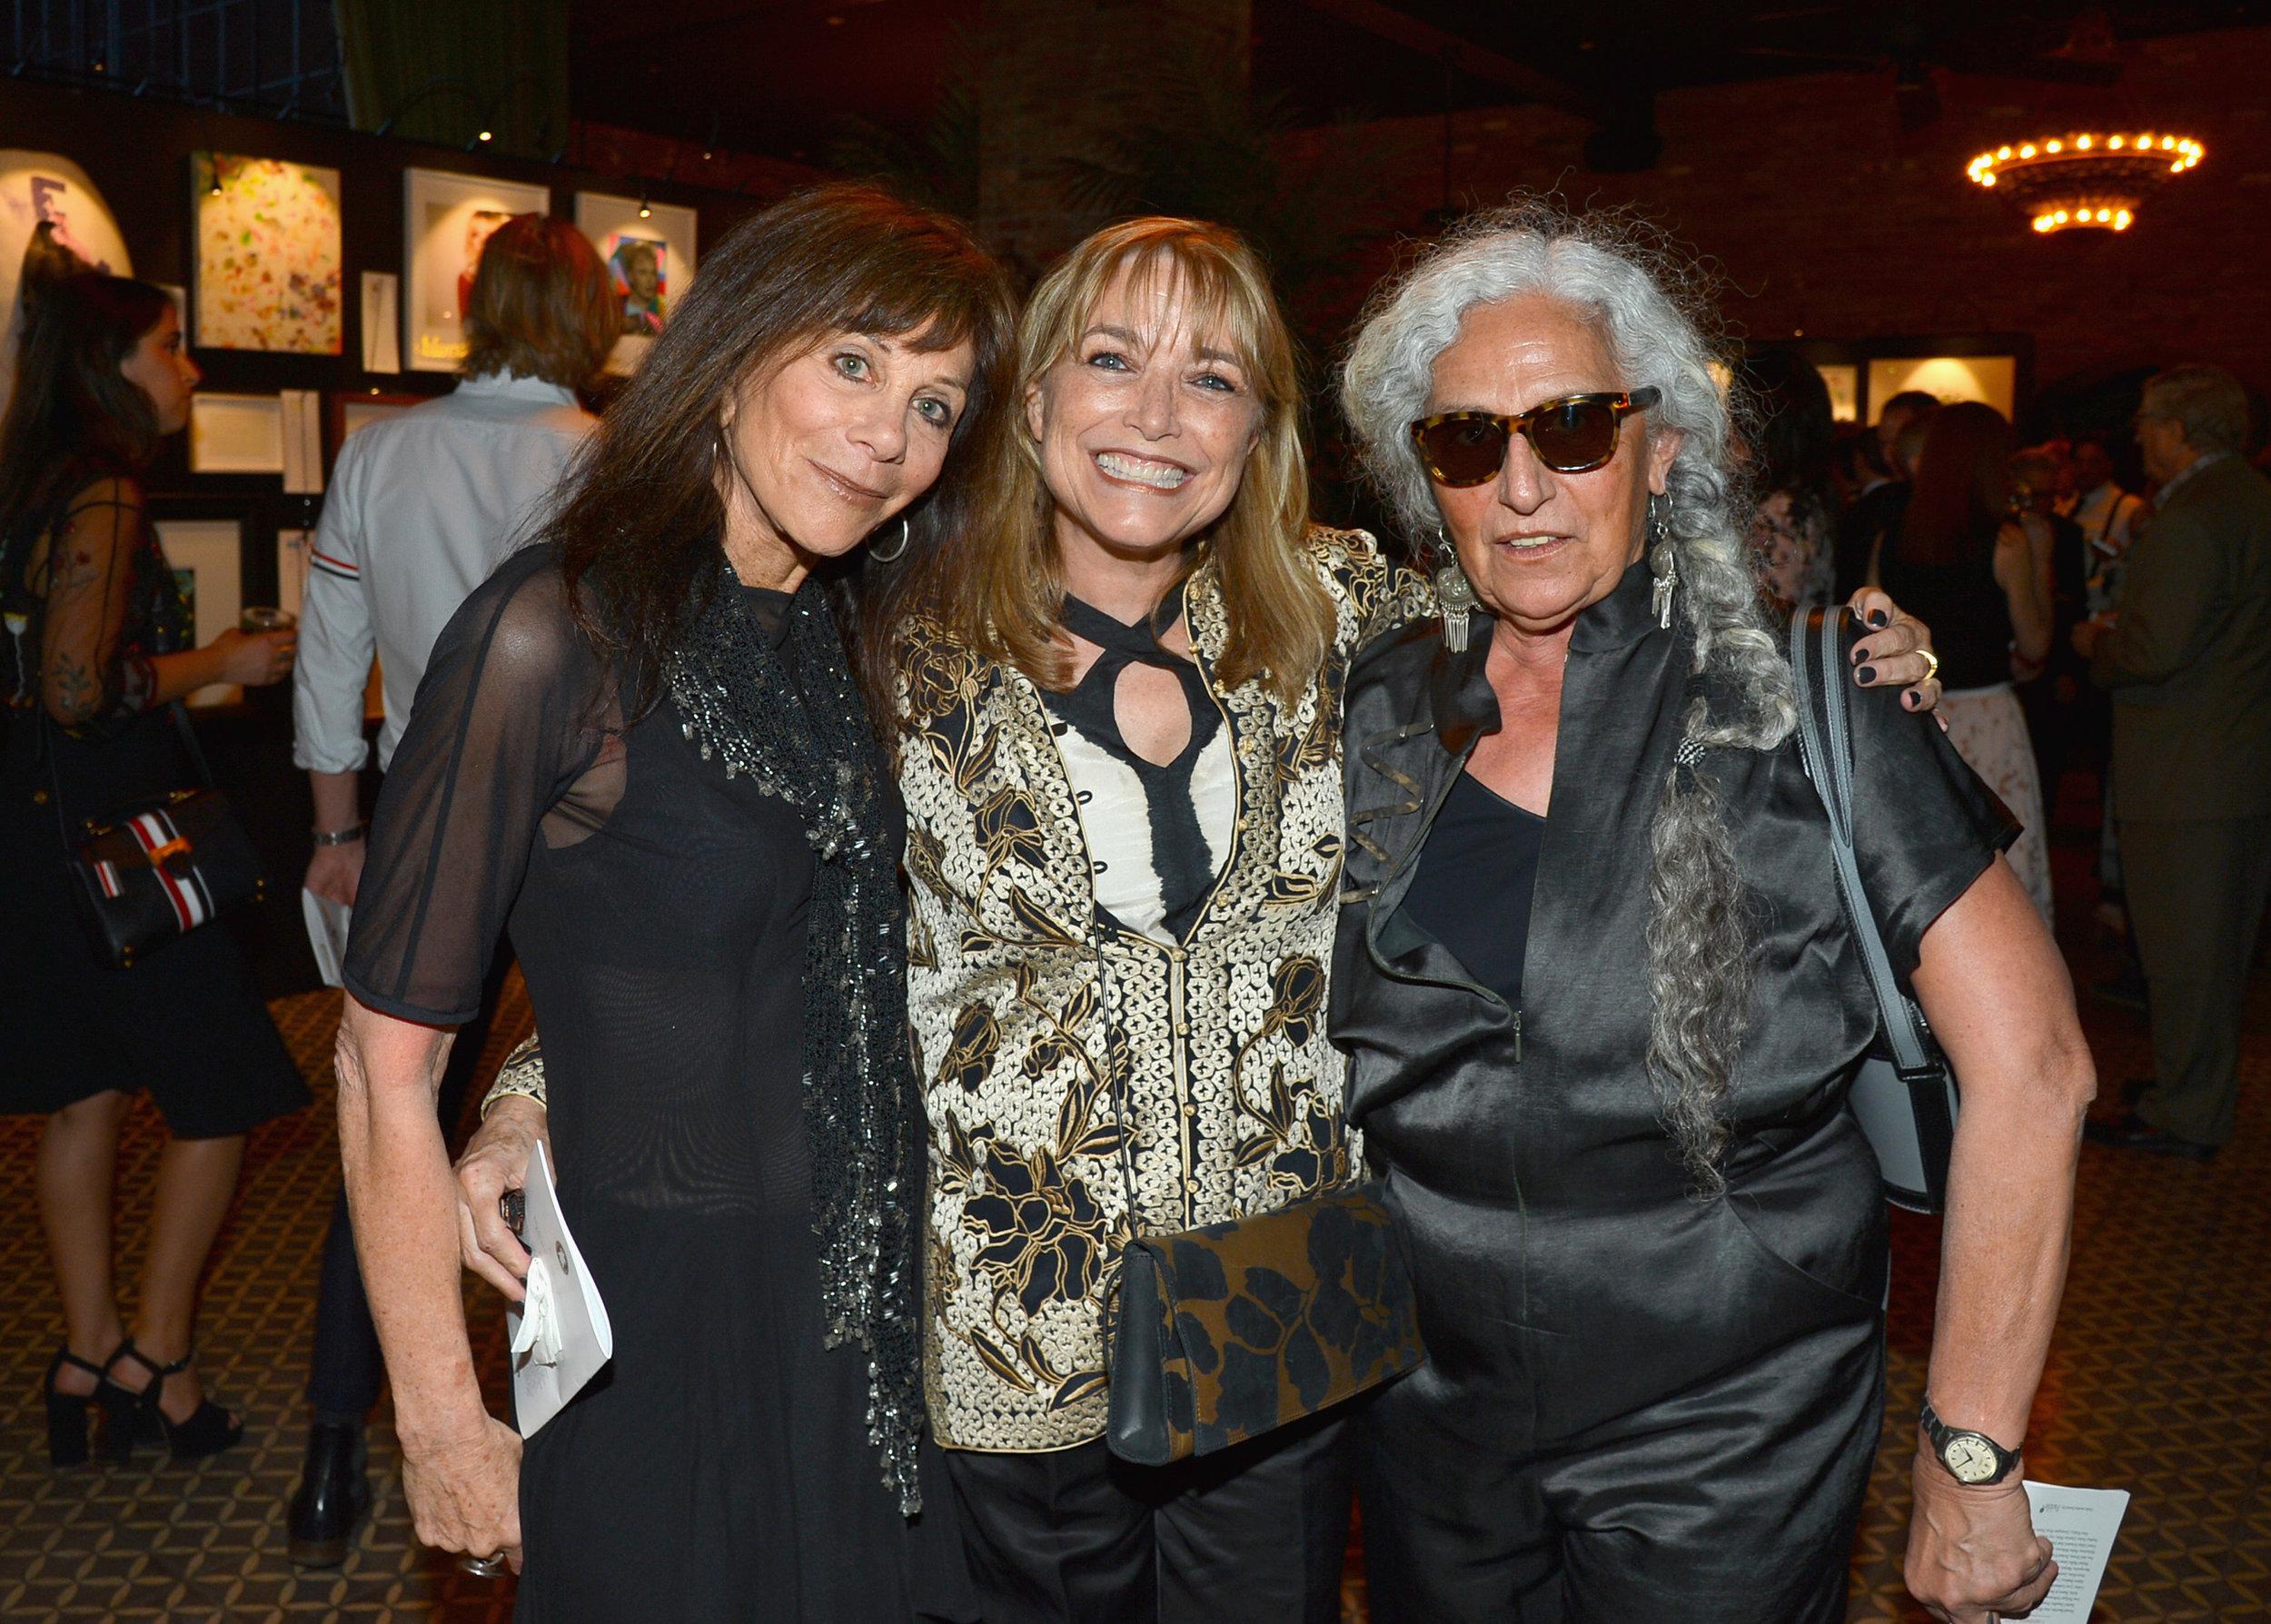 Lynn Goldsmith, Karen Allen, and Sheila Metzner